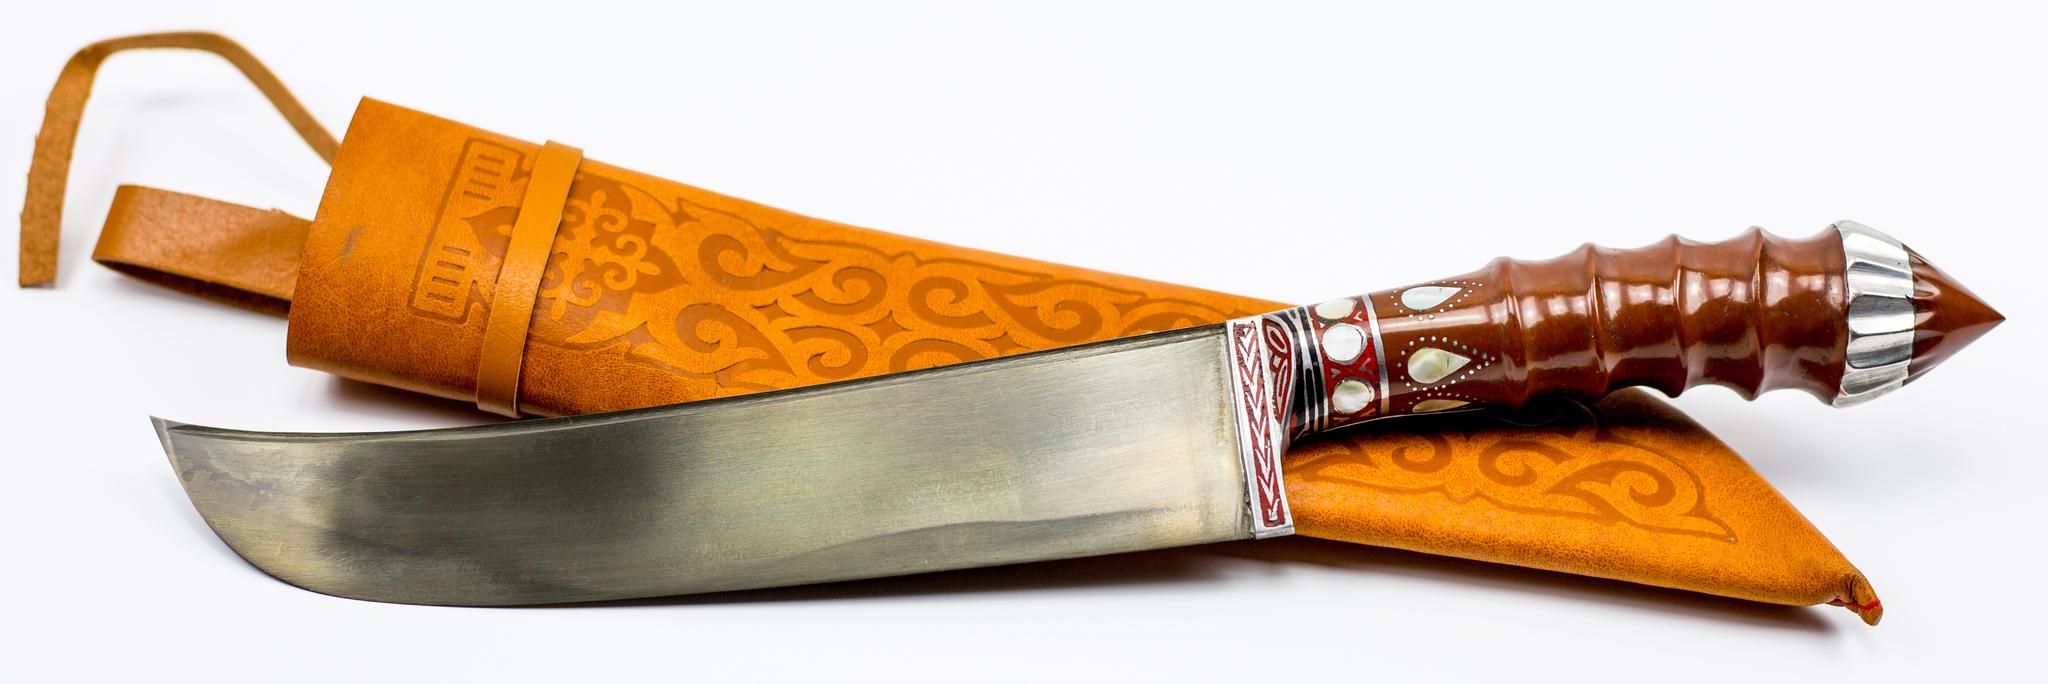 """Пчак Арафат от Магазин ножей """"Ножиков"""""""